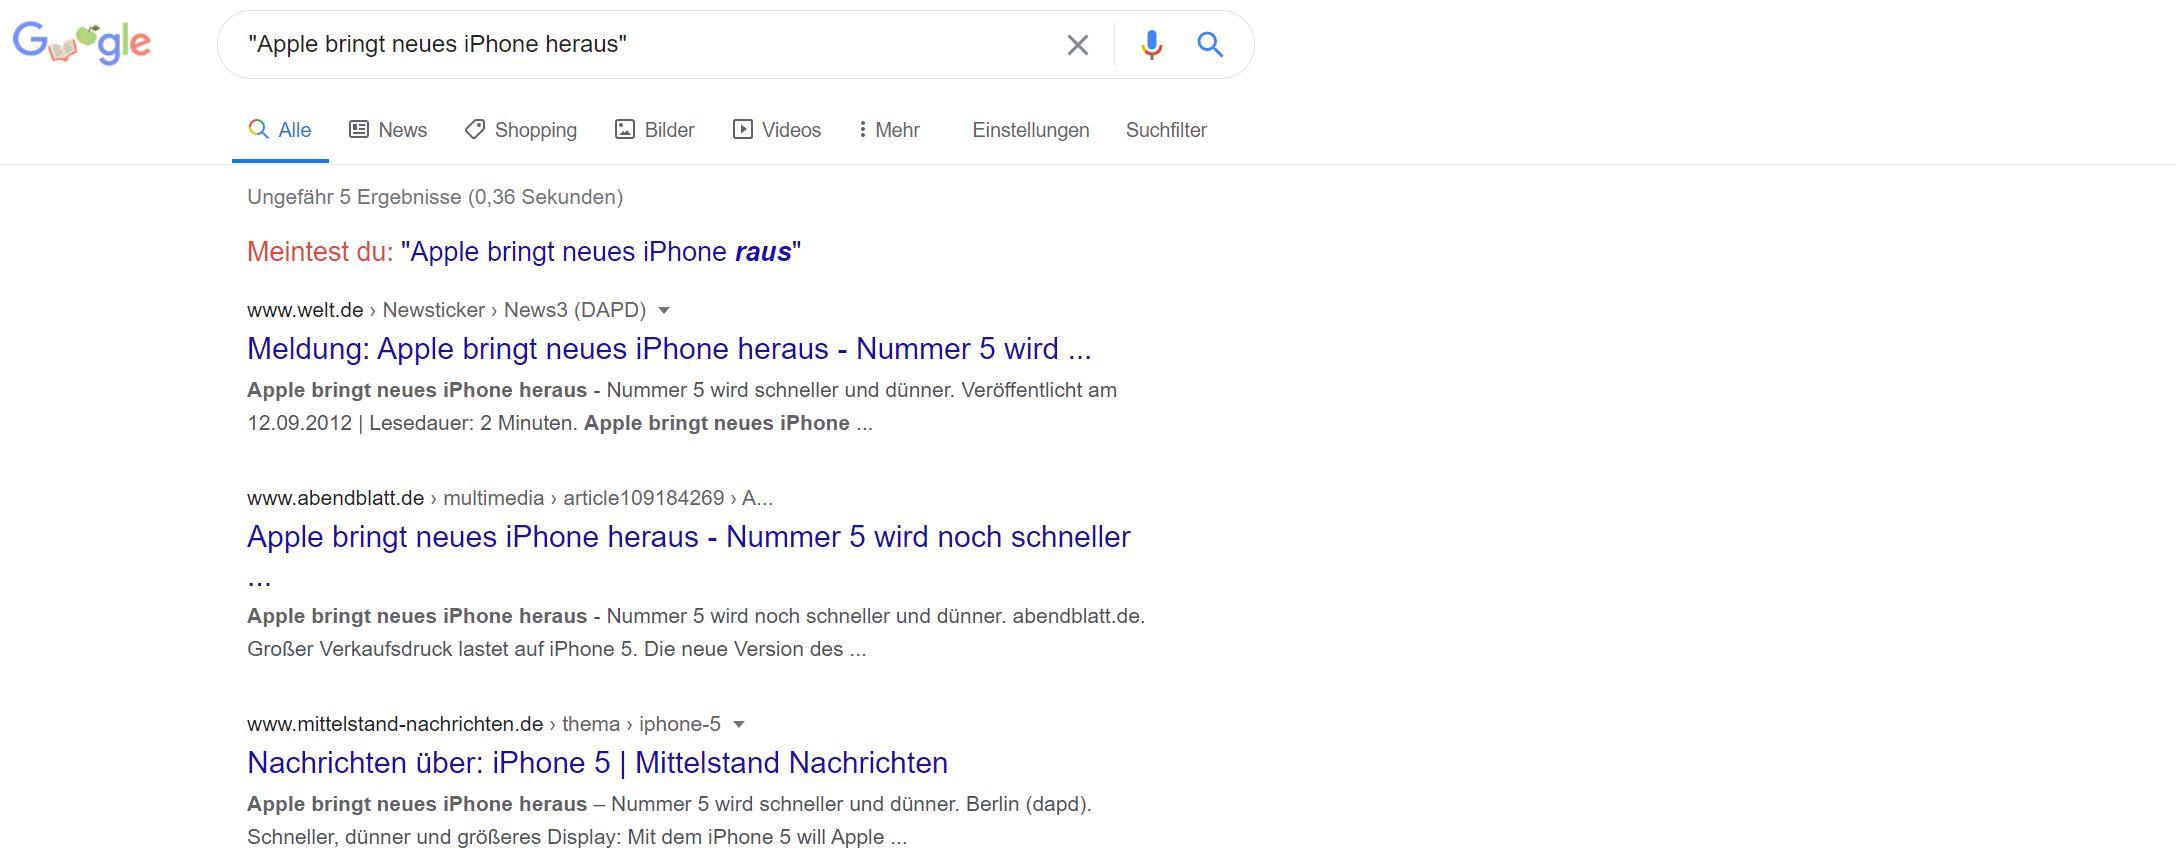 Google Suche Duplicate Cotent Beispiel (SEO Checkliste)